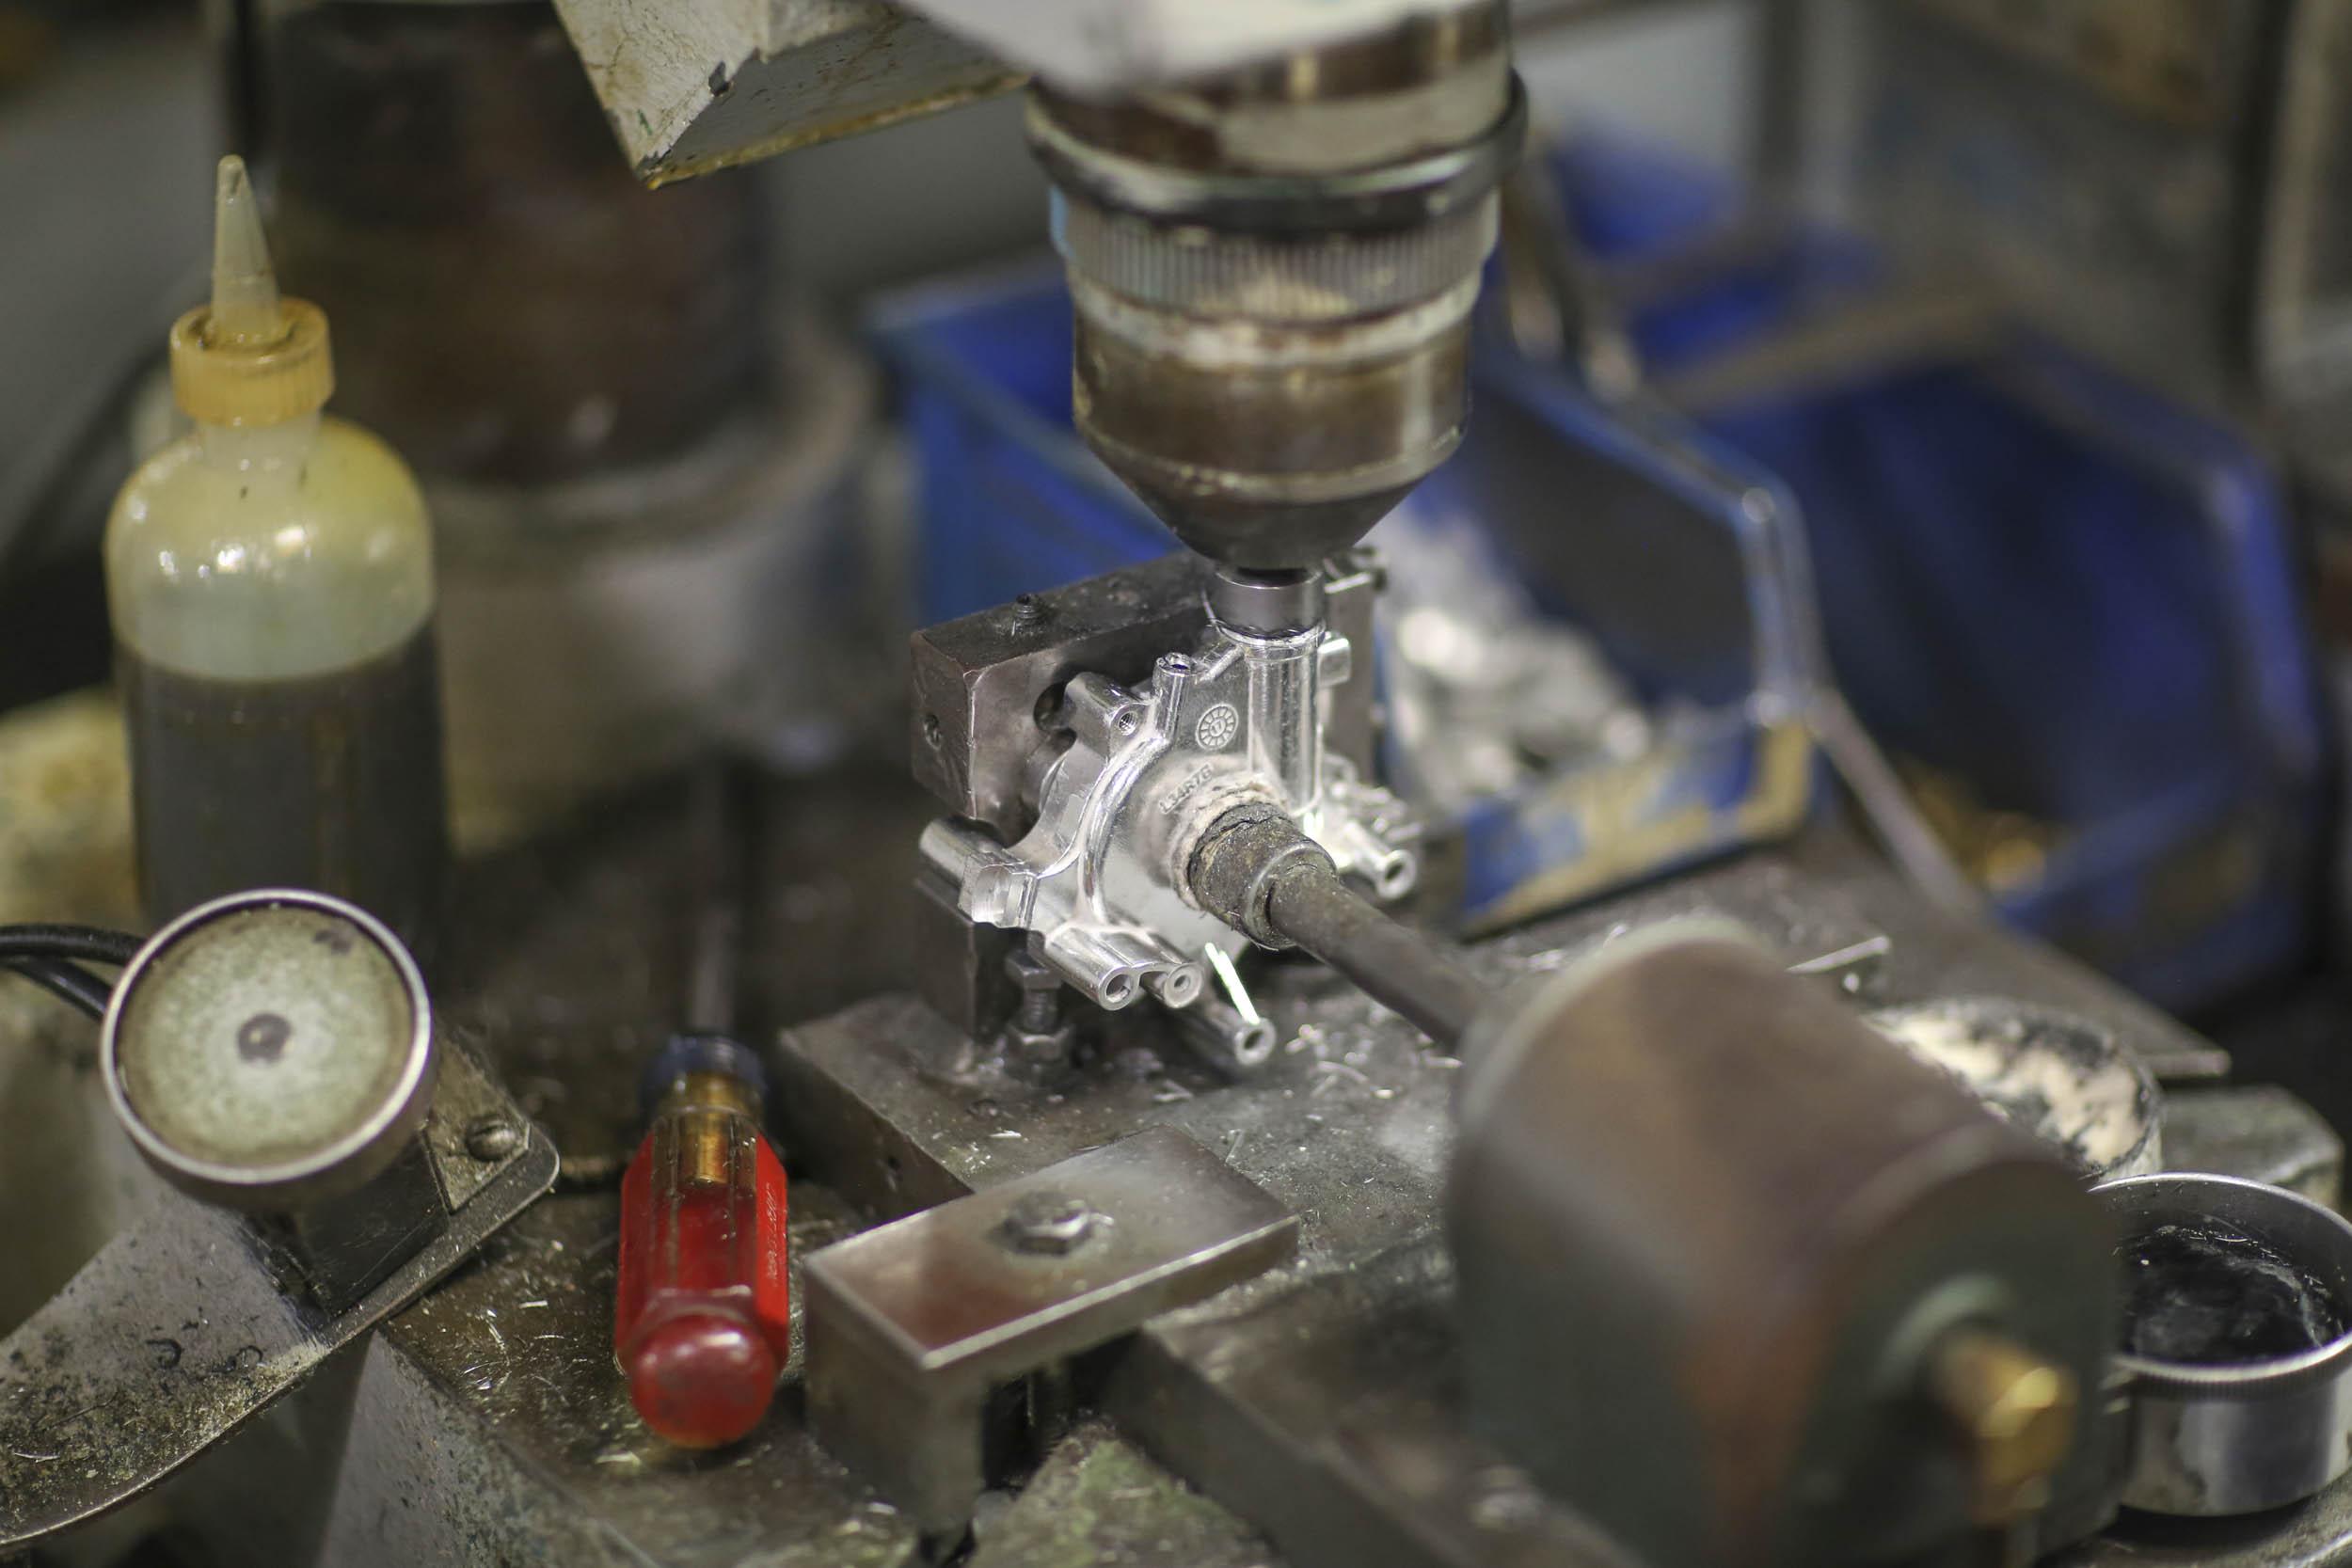 Holley four-barrel carburetor machining